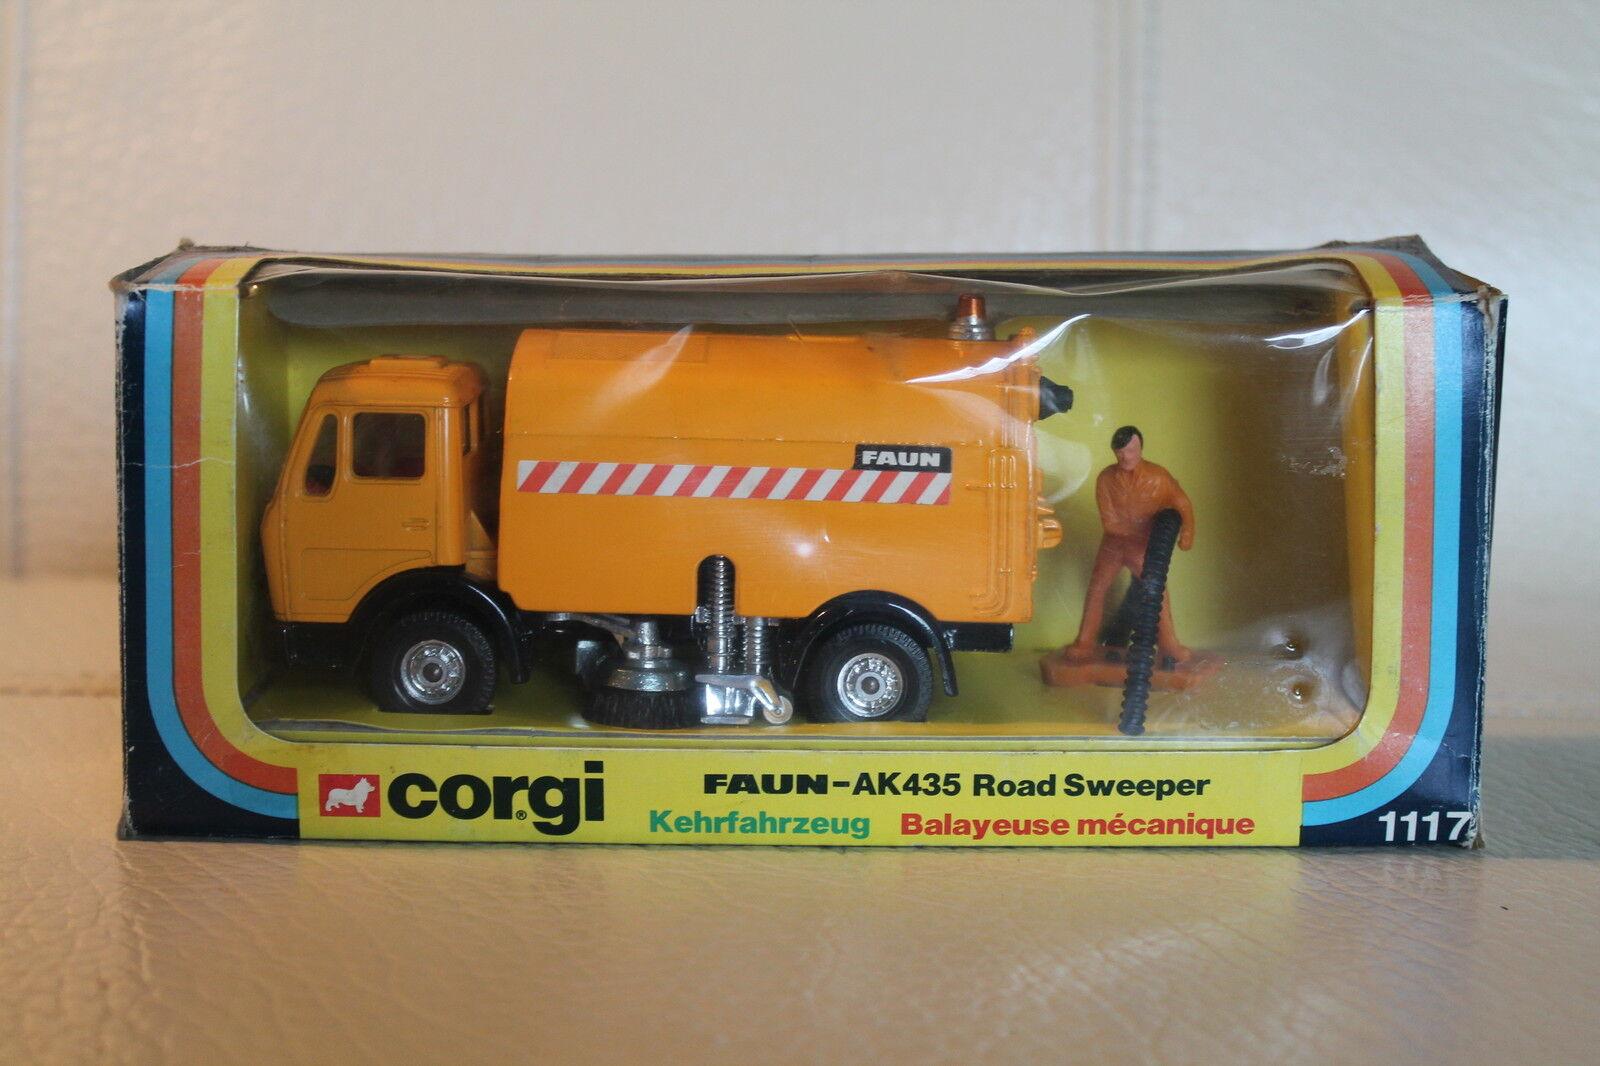 CORGI toys 1117  faune ak-435 kehrfahrzeug  ORIGINAL  OVP  rar